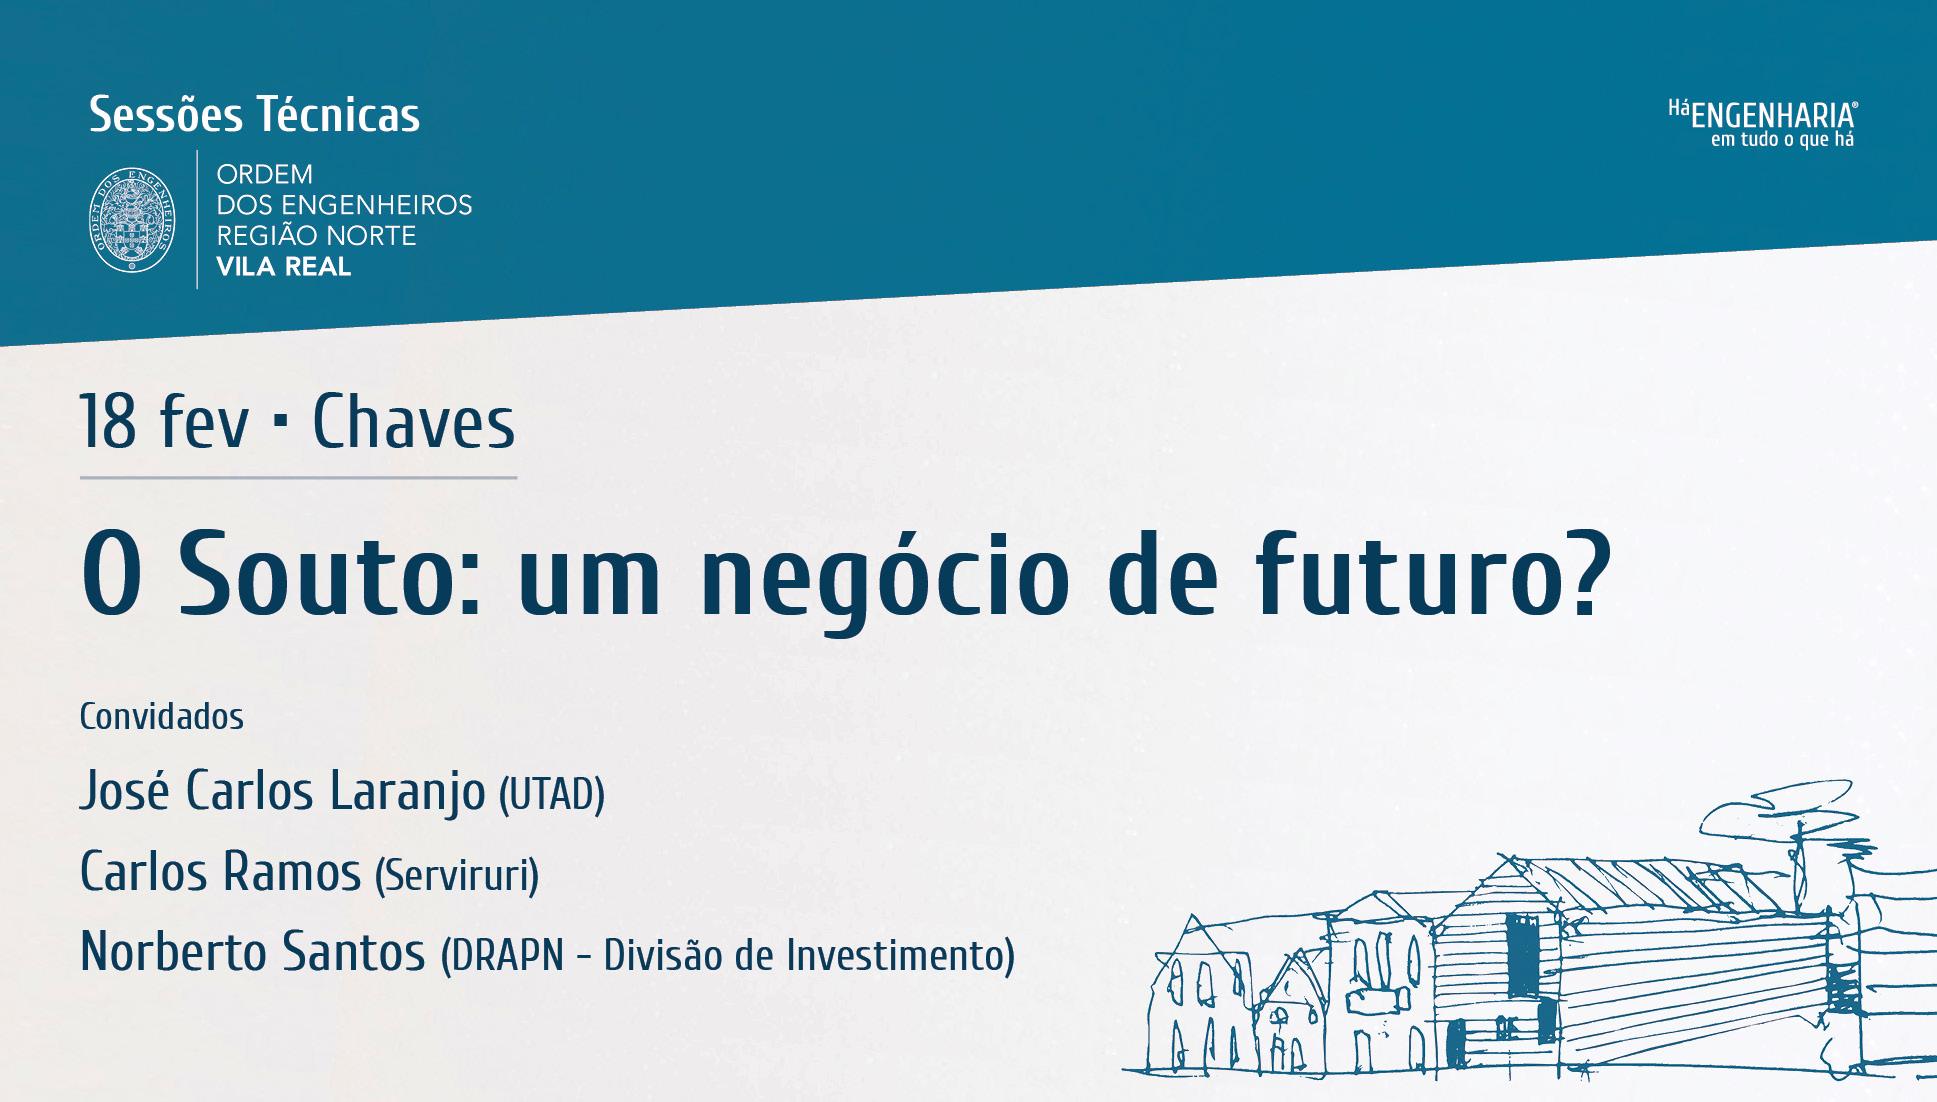 Plataforma Notícias Ordem Engenheiros Região Norte - Sessão técnica sobre o futuro do negócio do Souto